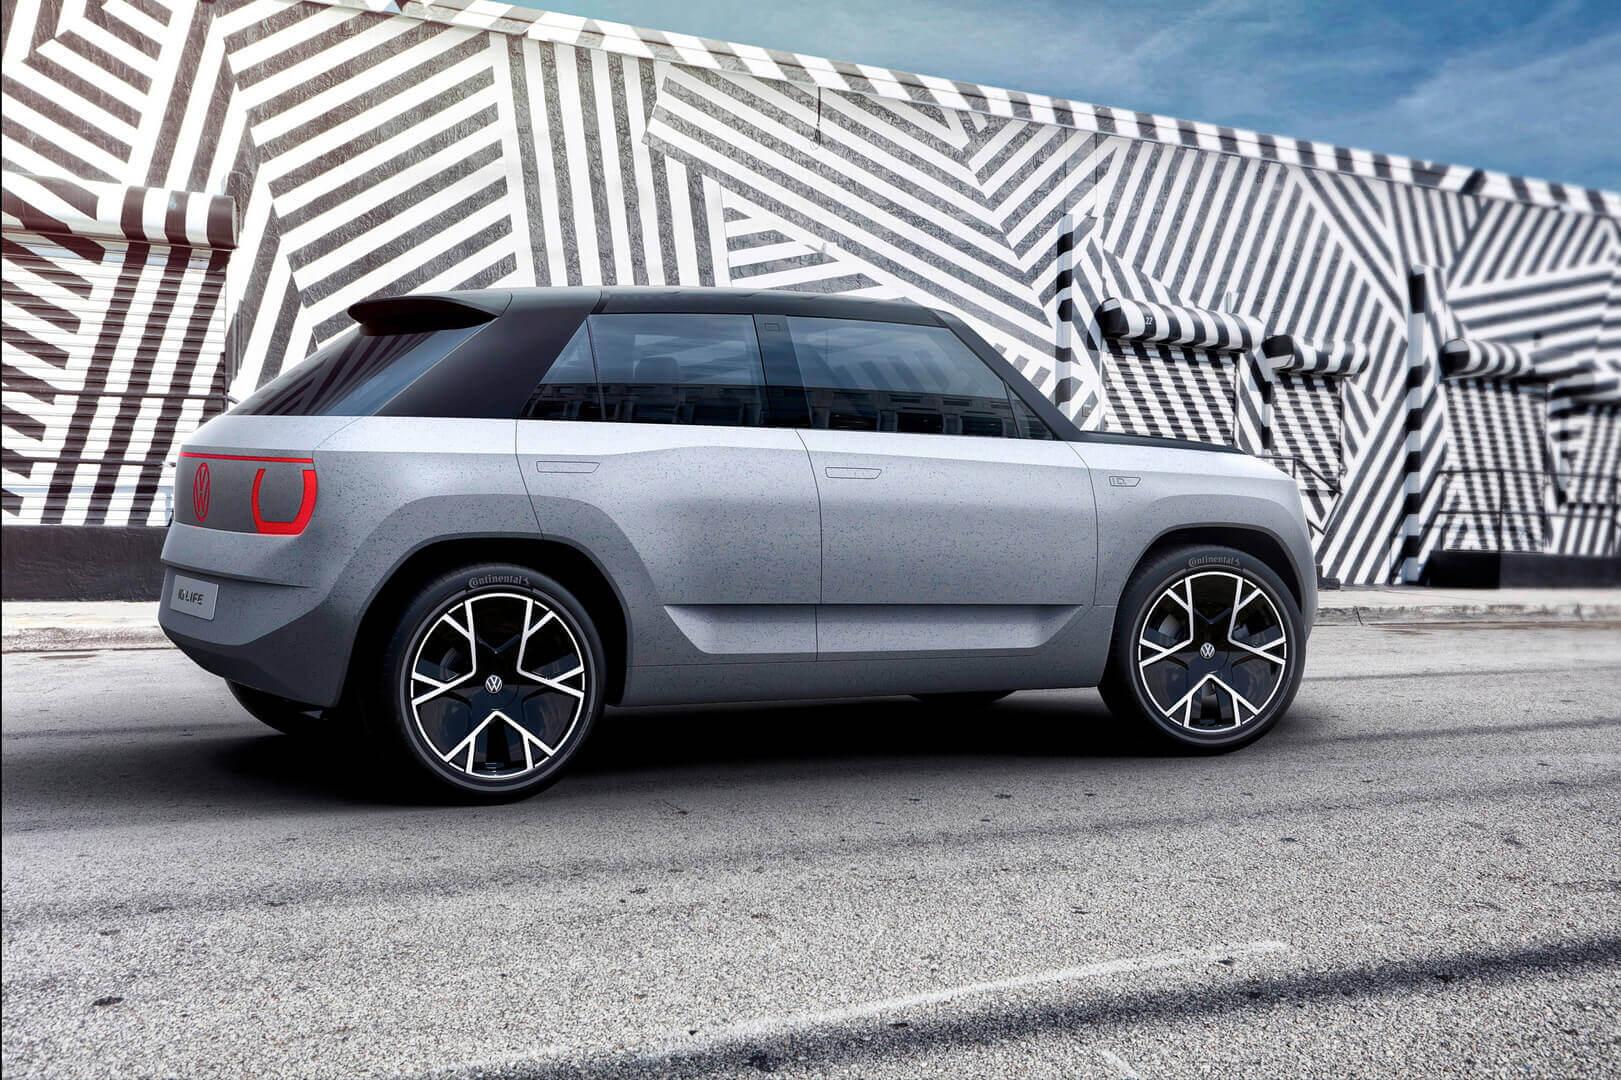 Volkswagen представил будущий городской электромобиль за €20 000